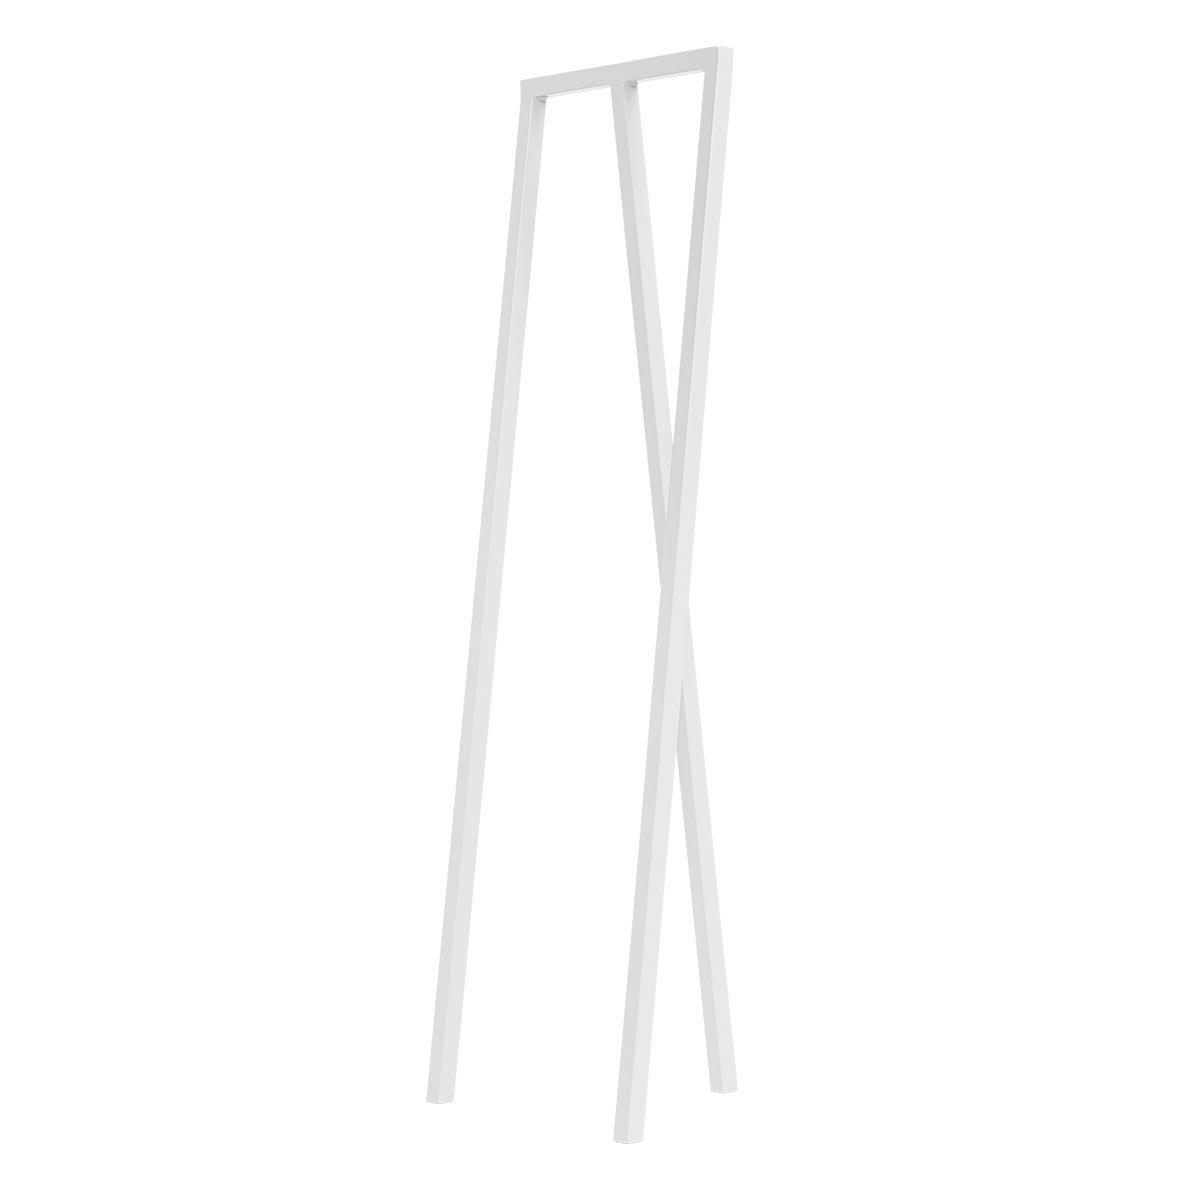 HAY - Loop Stand Hall - weiß - Leif Jørgensen - Design - Garderobe